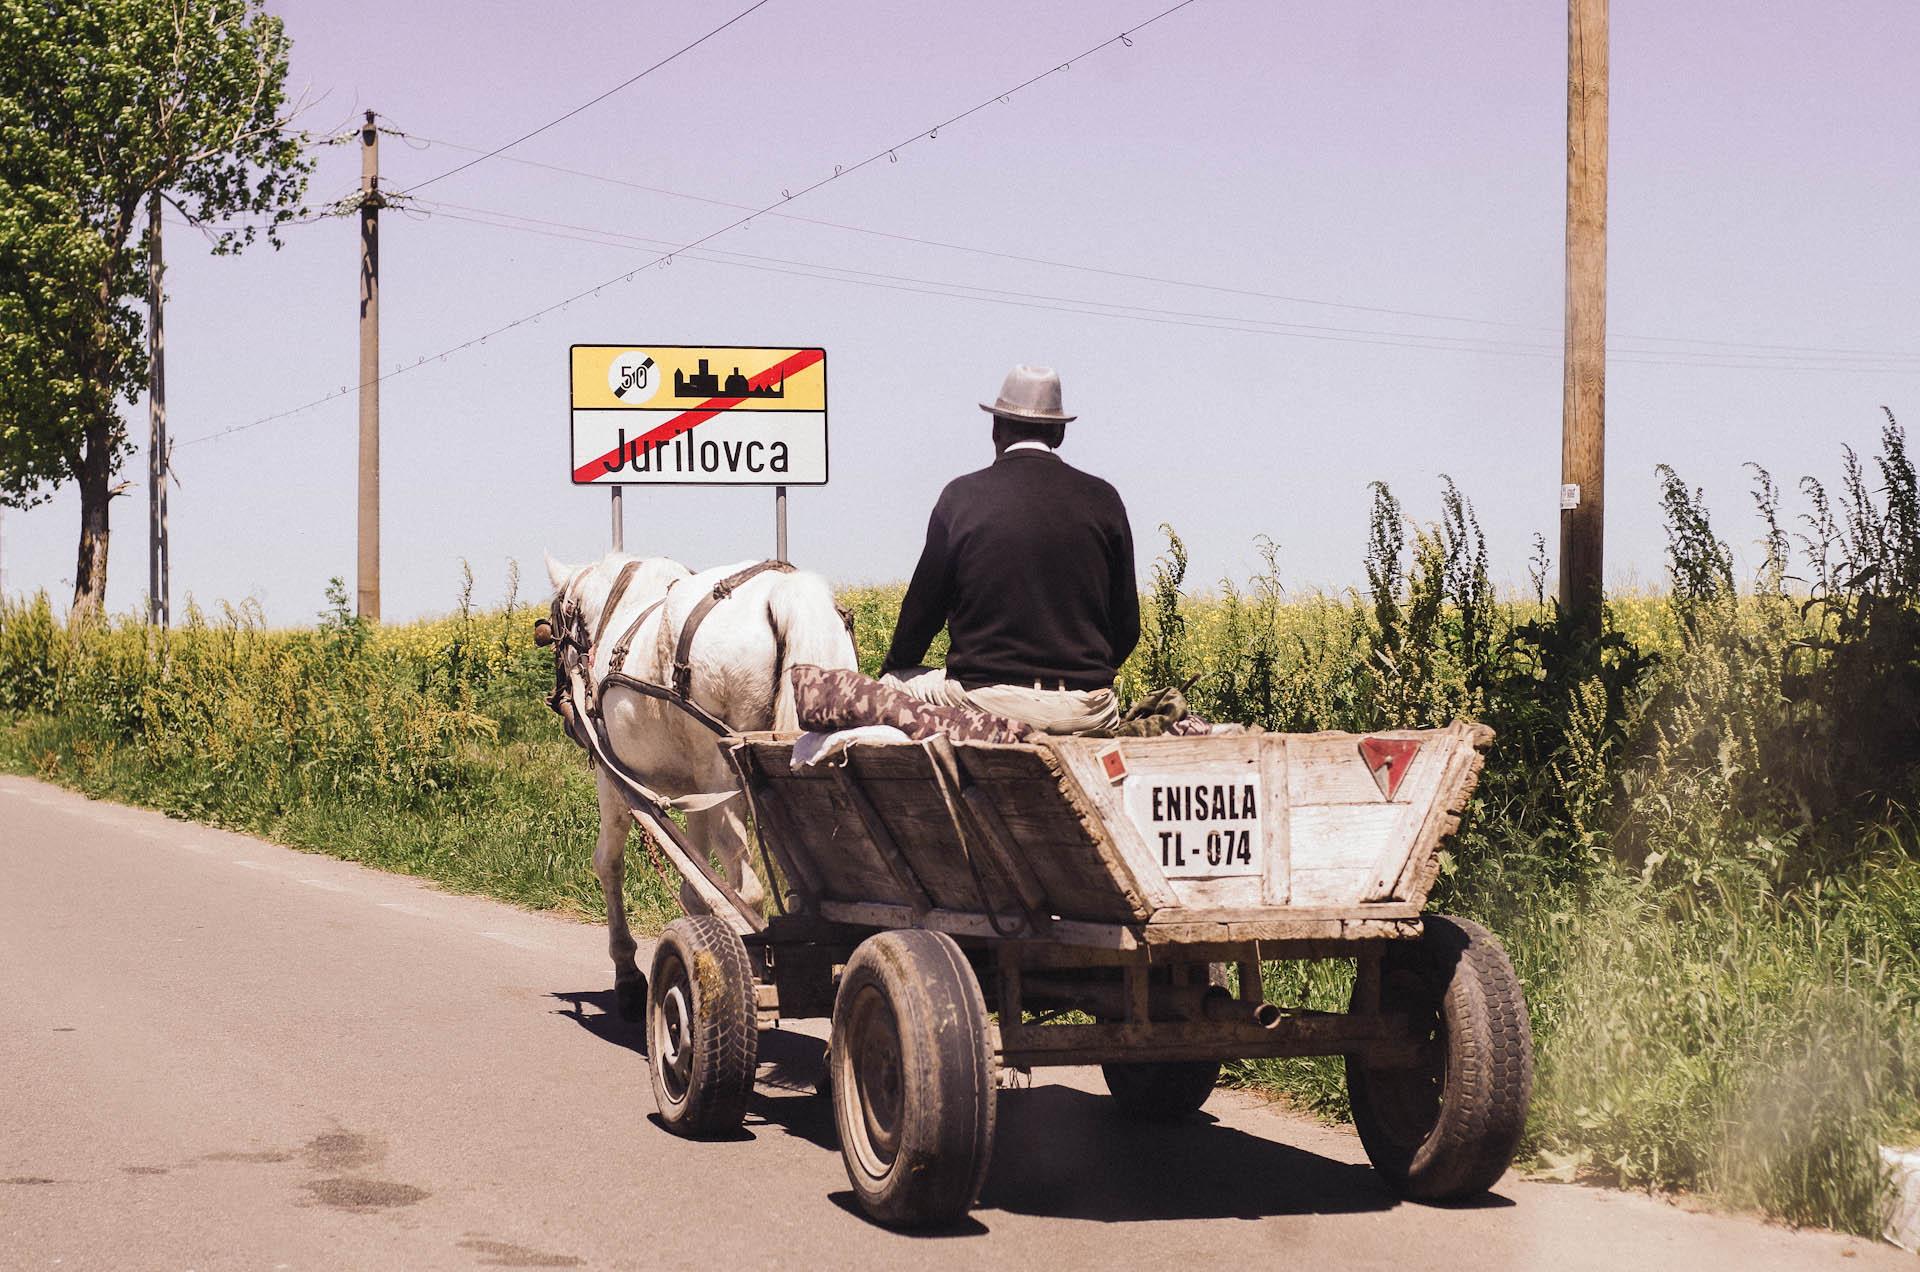 Jurilovca, Romania